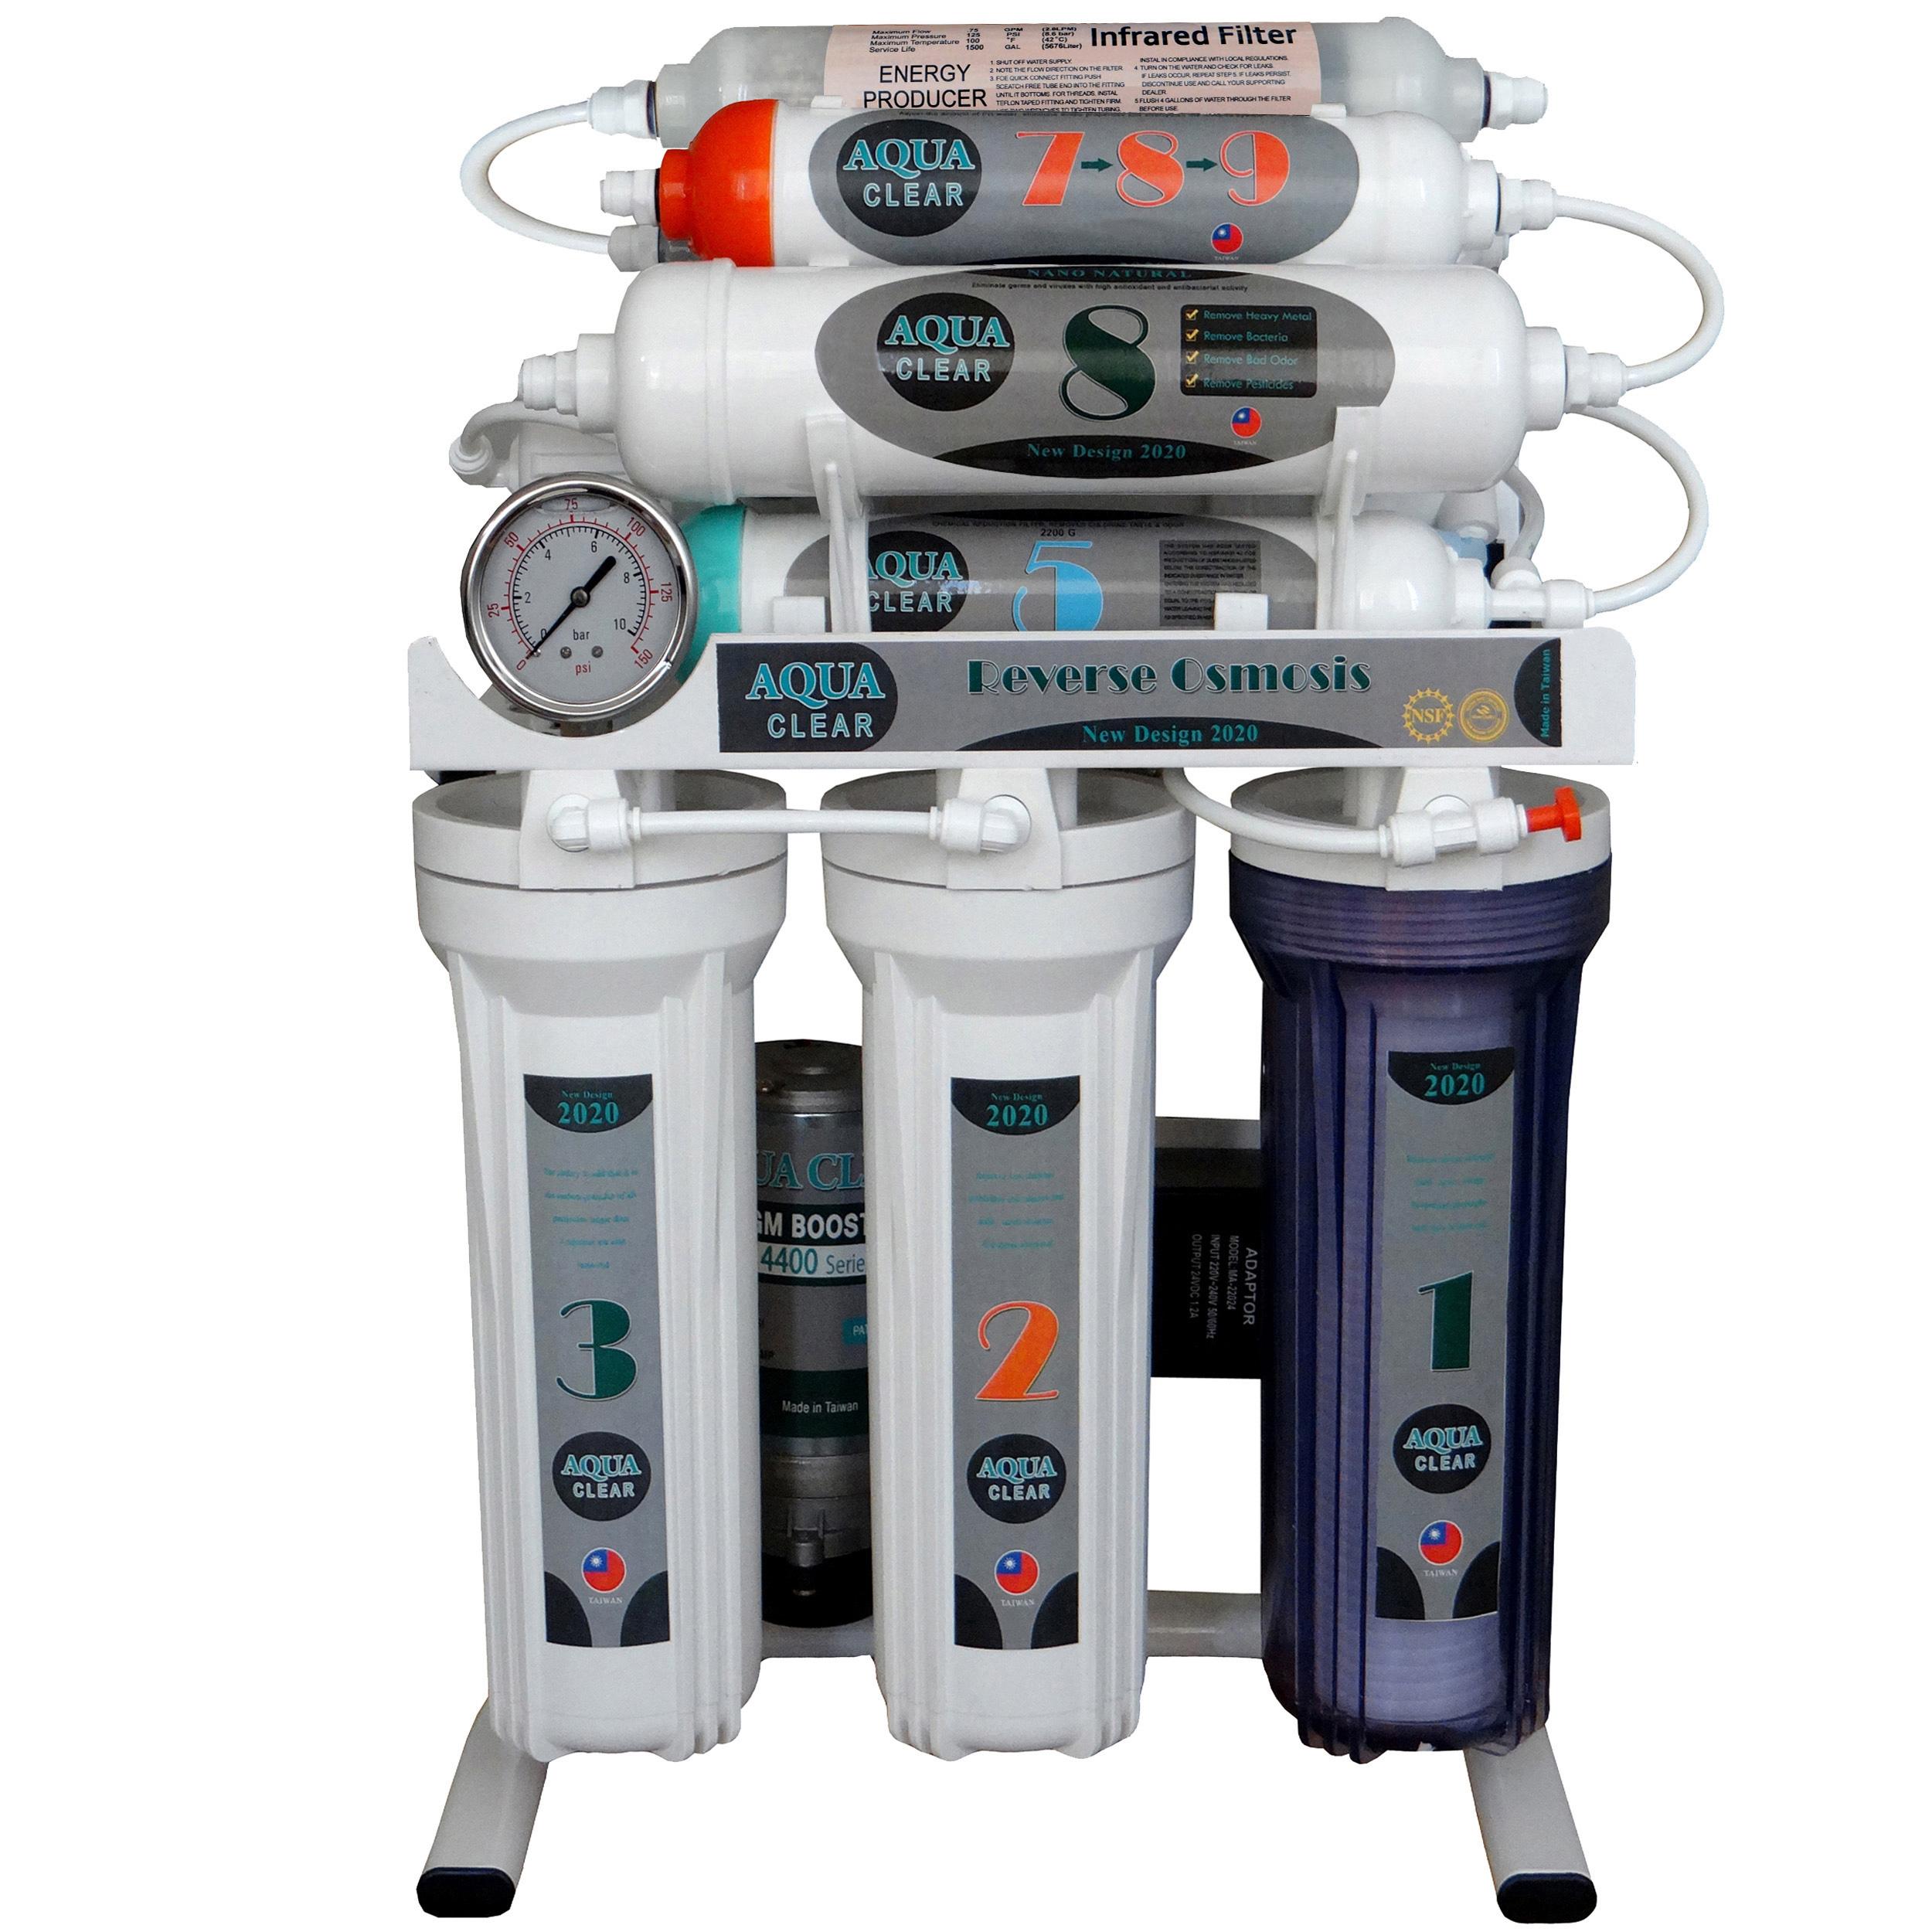 دستگاه تصفیه کننده آب آکوآ کلیر مدل NEW DESIGN 2020-AQG10